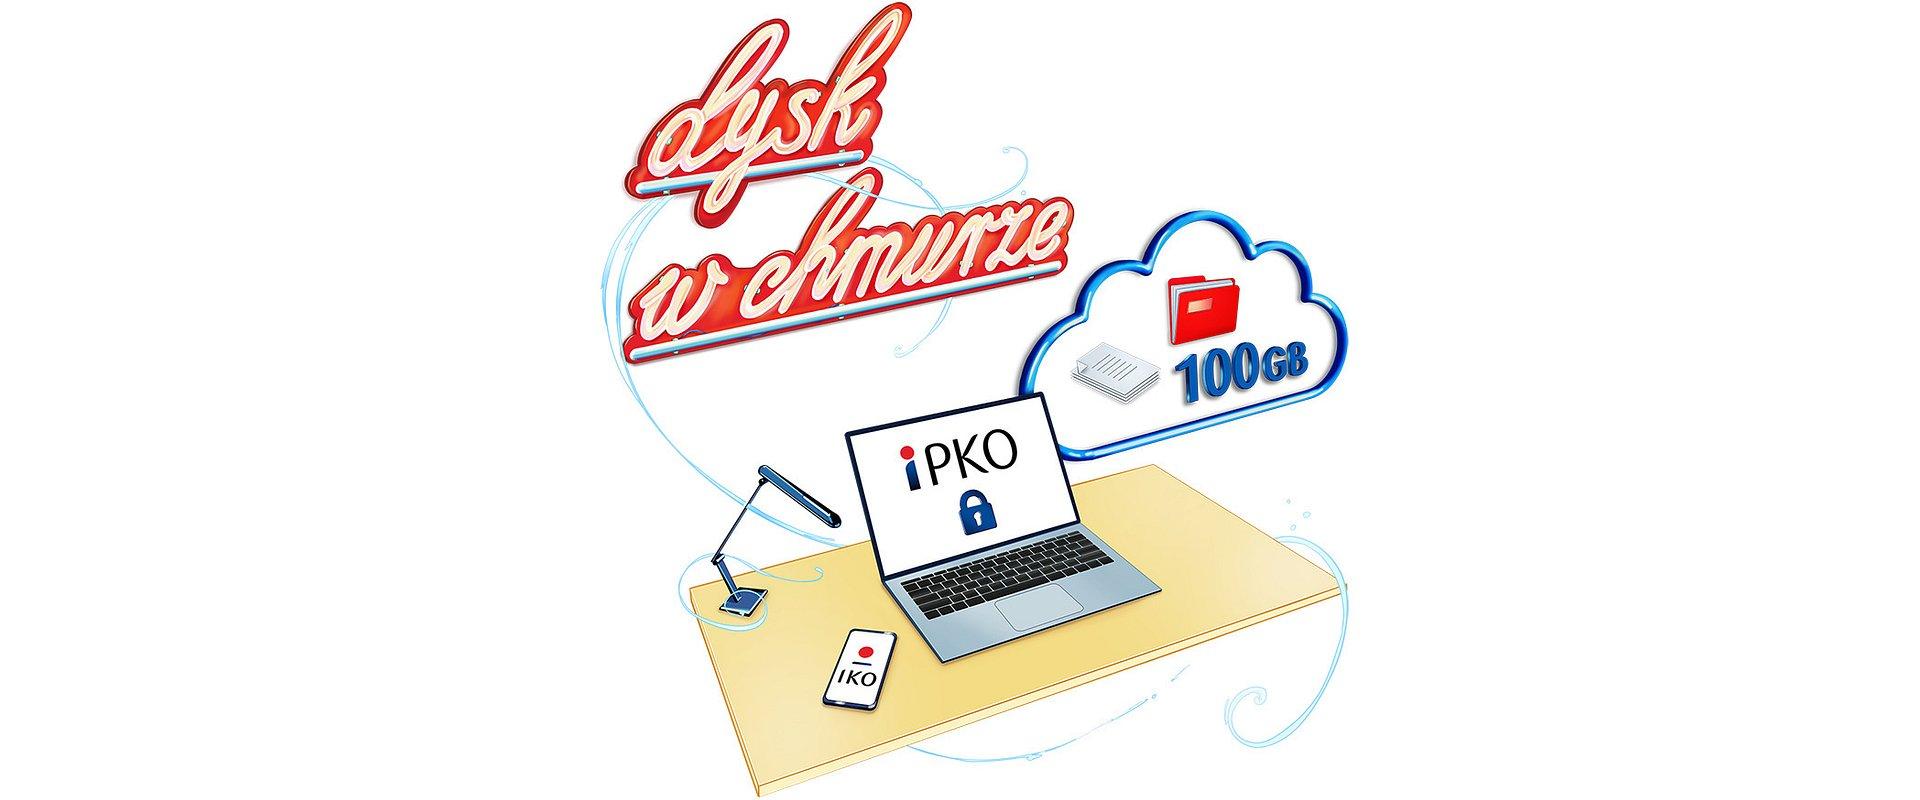 Dysk w chmurze. Nowa usługa dla MSP i przedsiębiorstw w PKO Banku Polskim